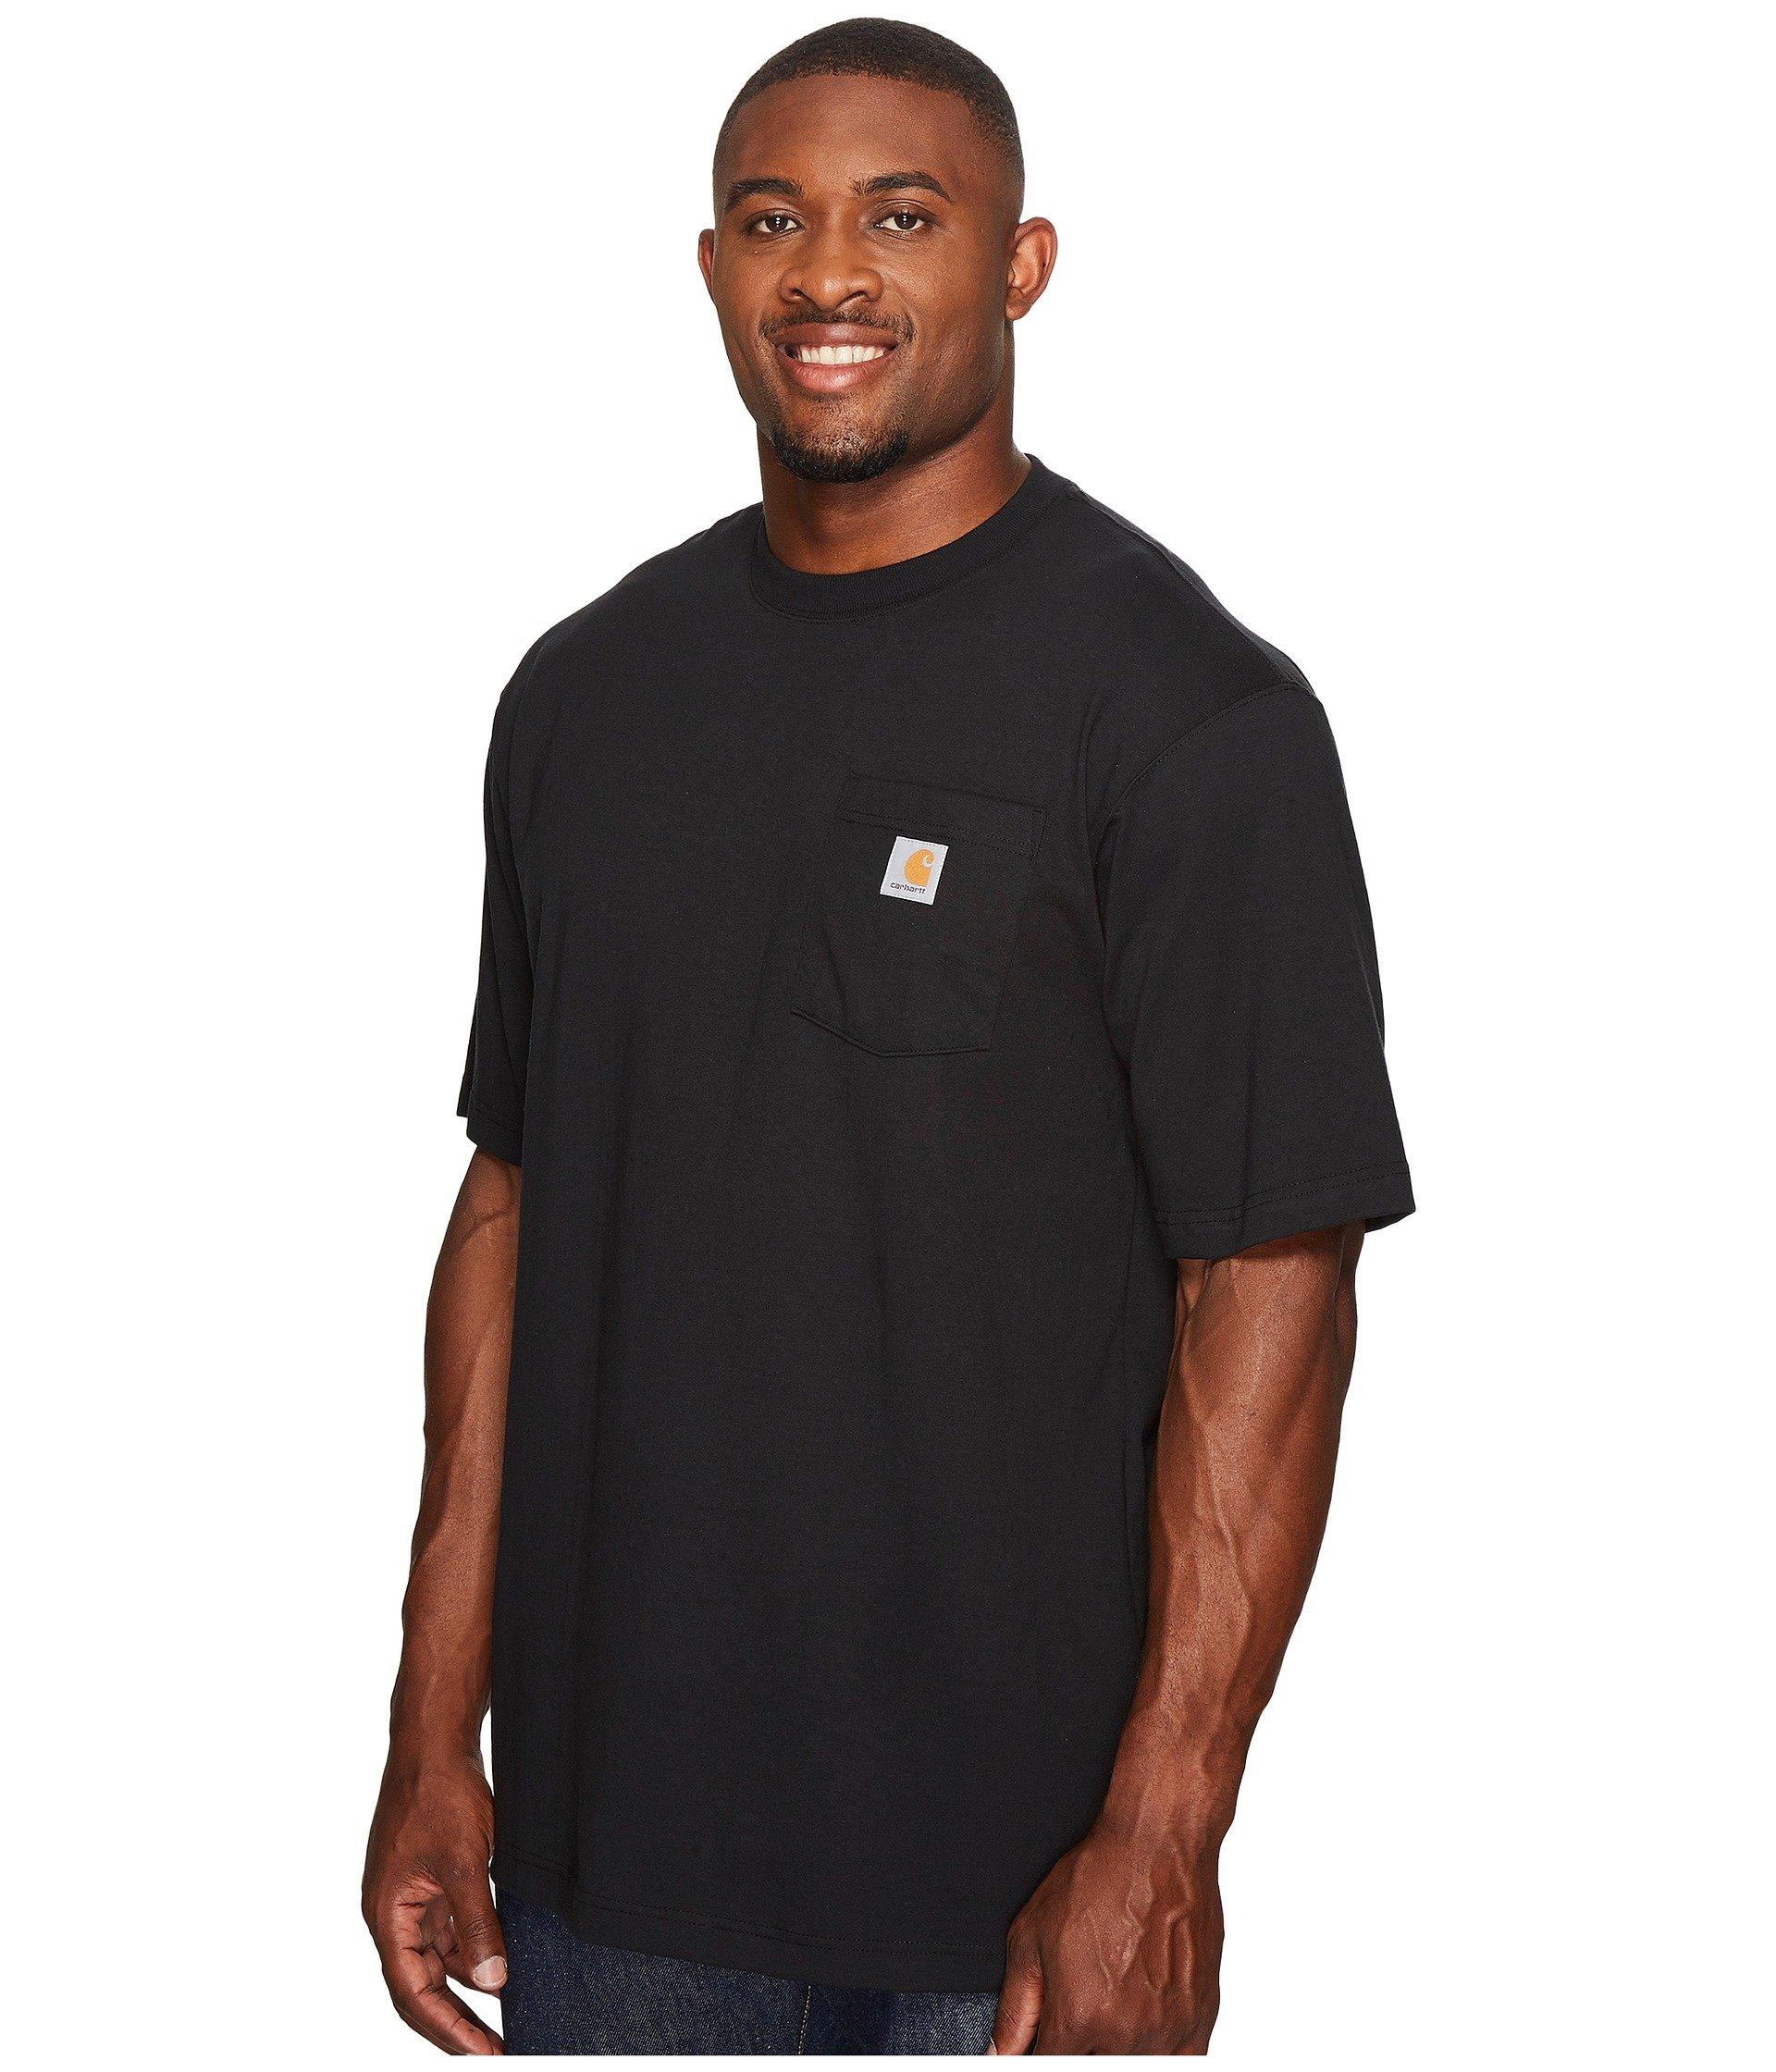 s Workwear Tall S Black Pocket Tee Carhartt f6SqUf